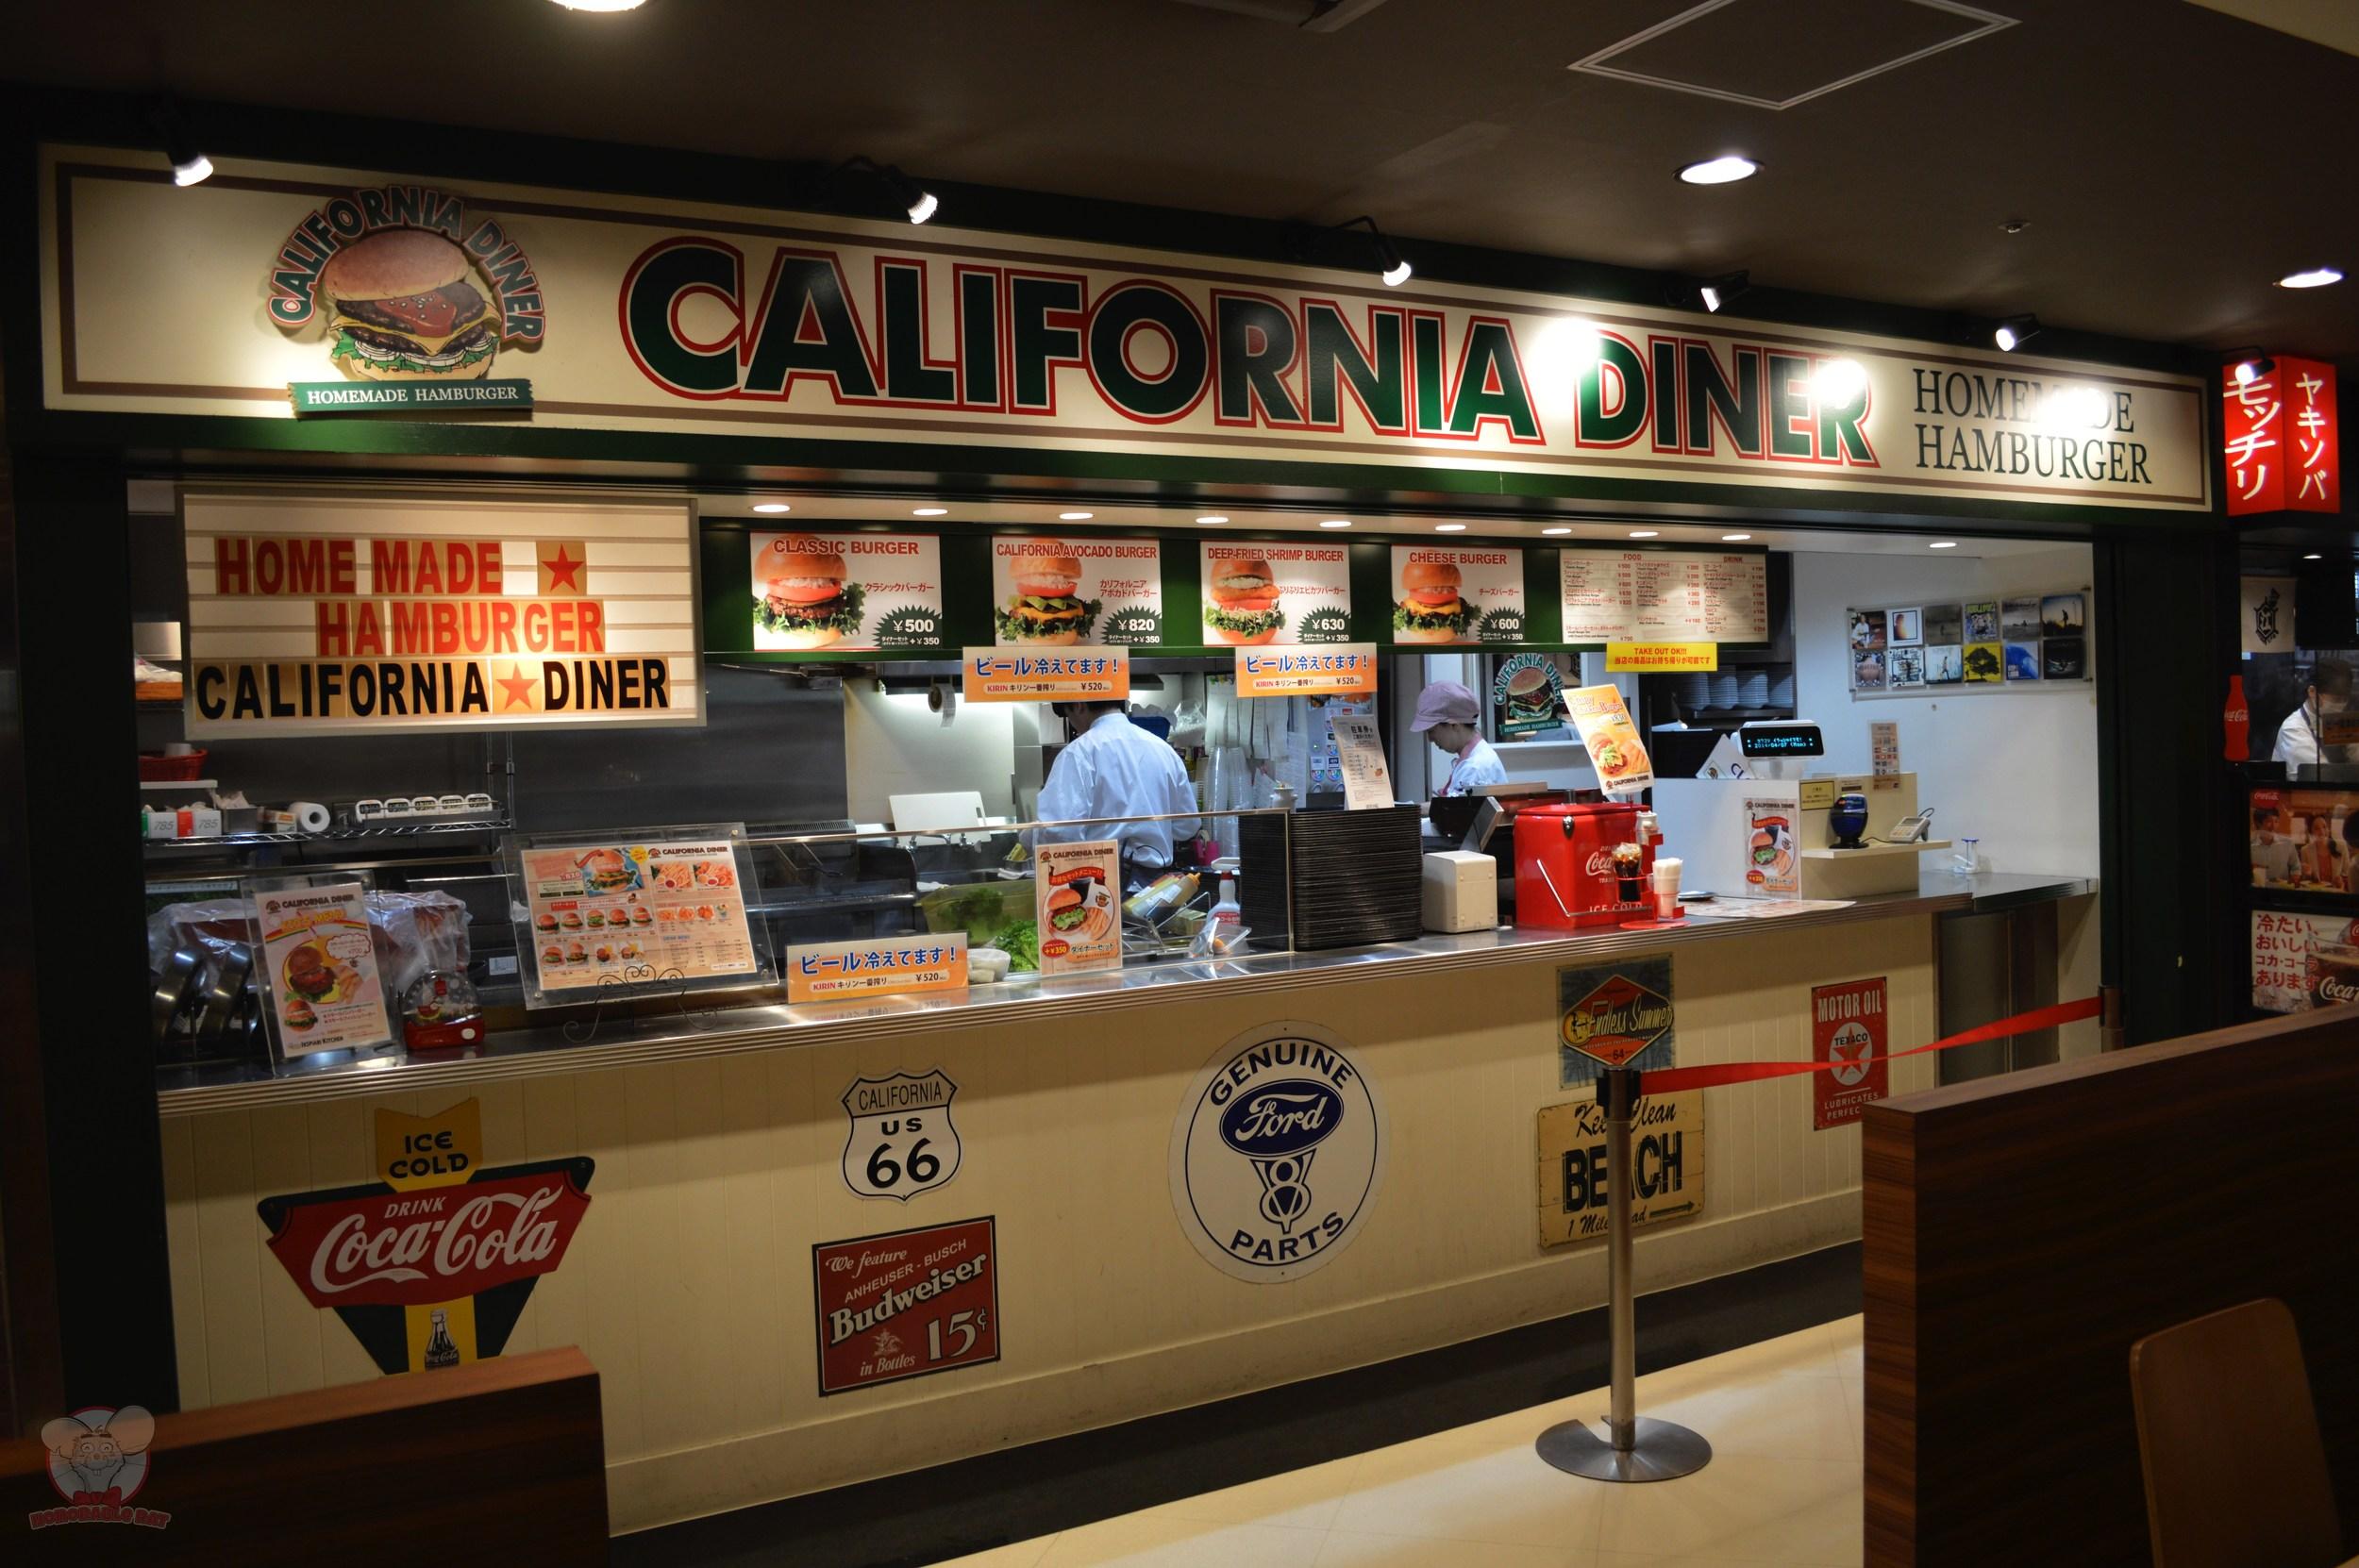 California Diner (American: Burgers)